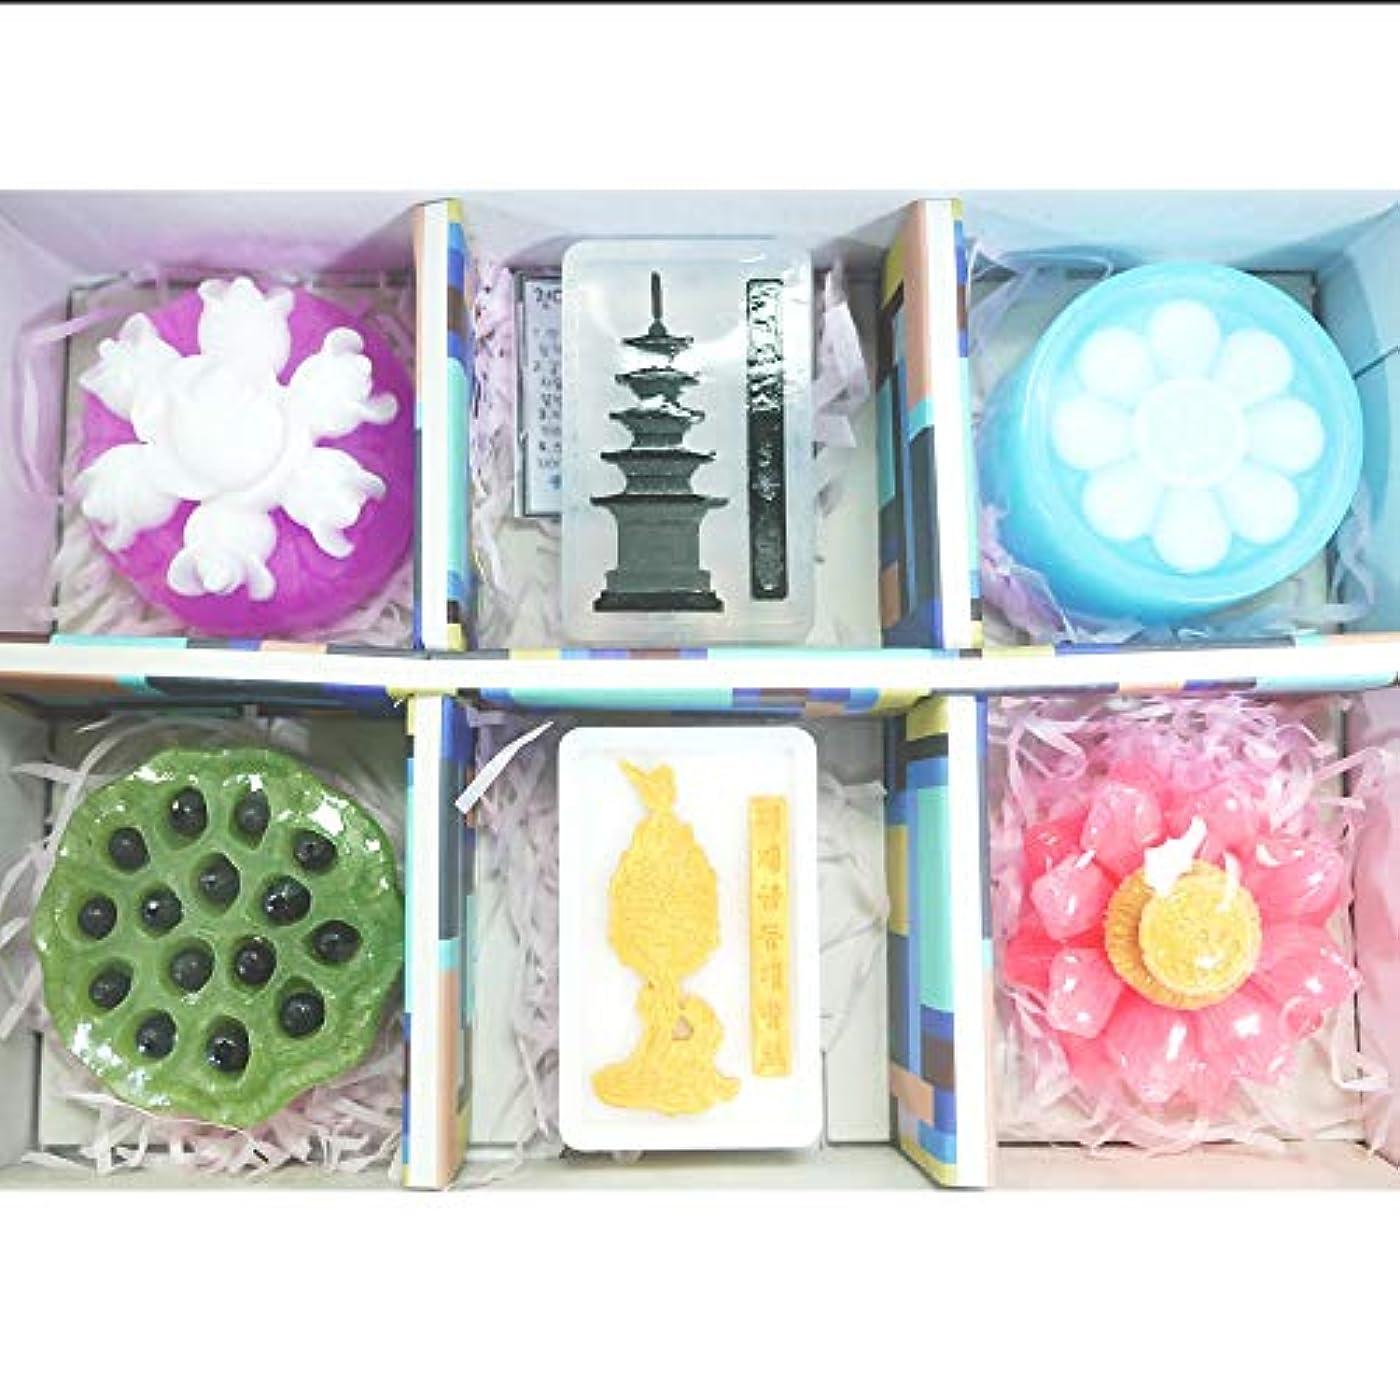 謎めいた側慣れる[ソドン] 韓国 百済 手漉き石鹸 1 セット(3.5オンスx 6石鹸)